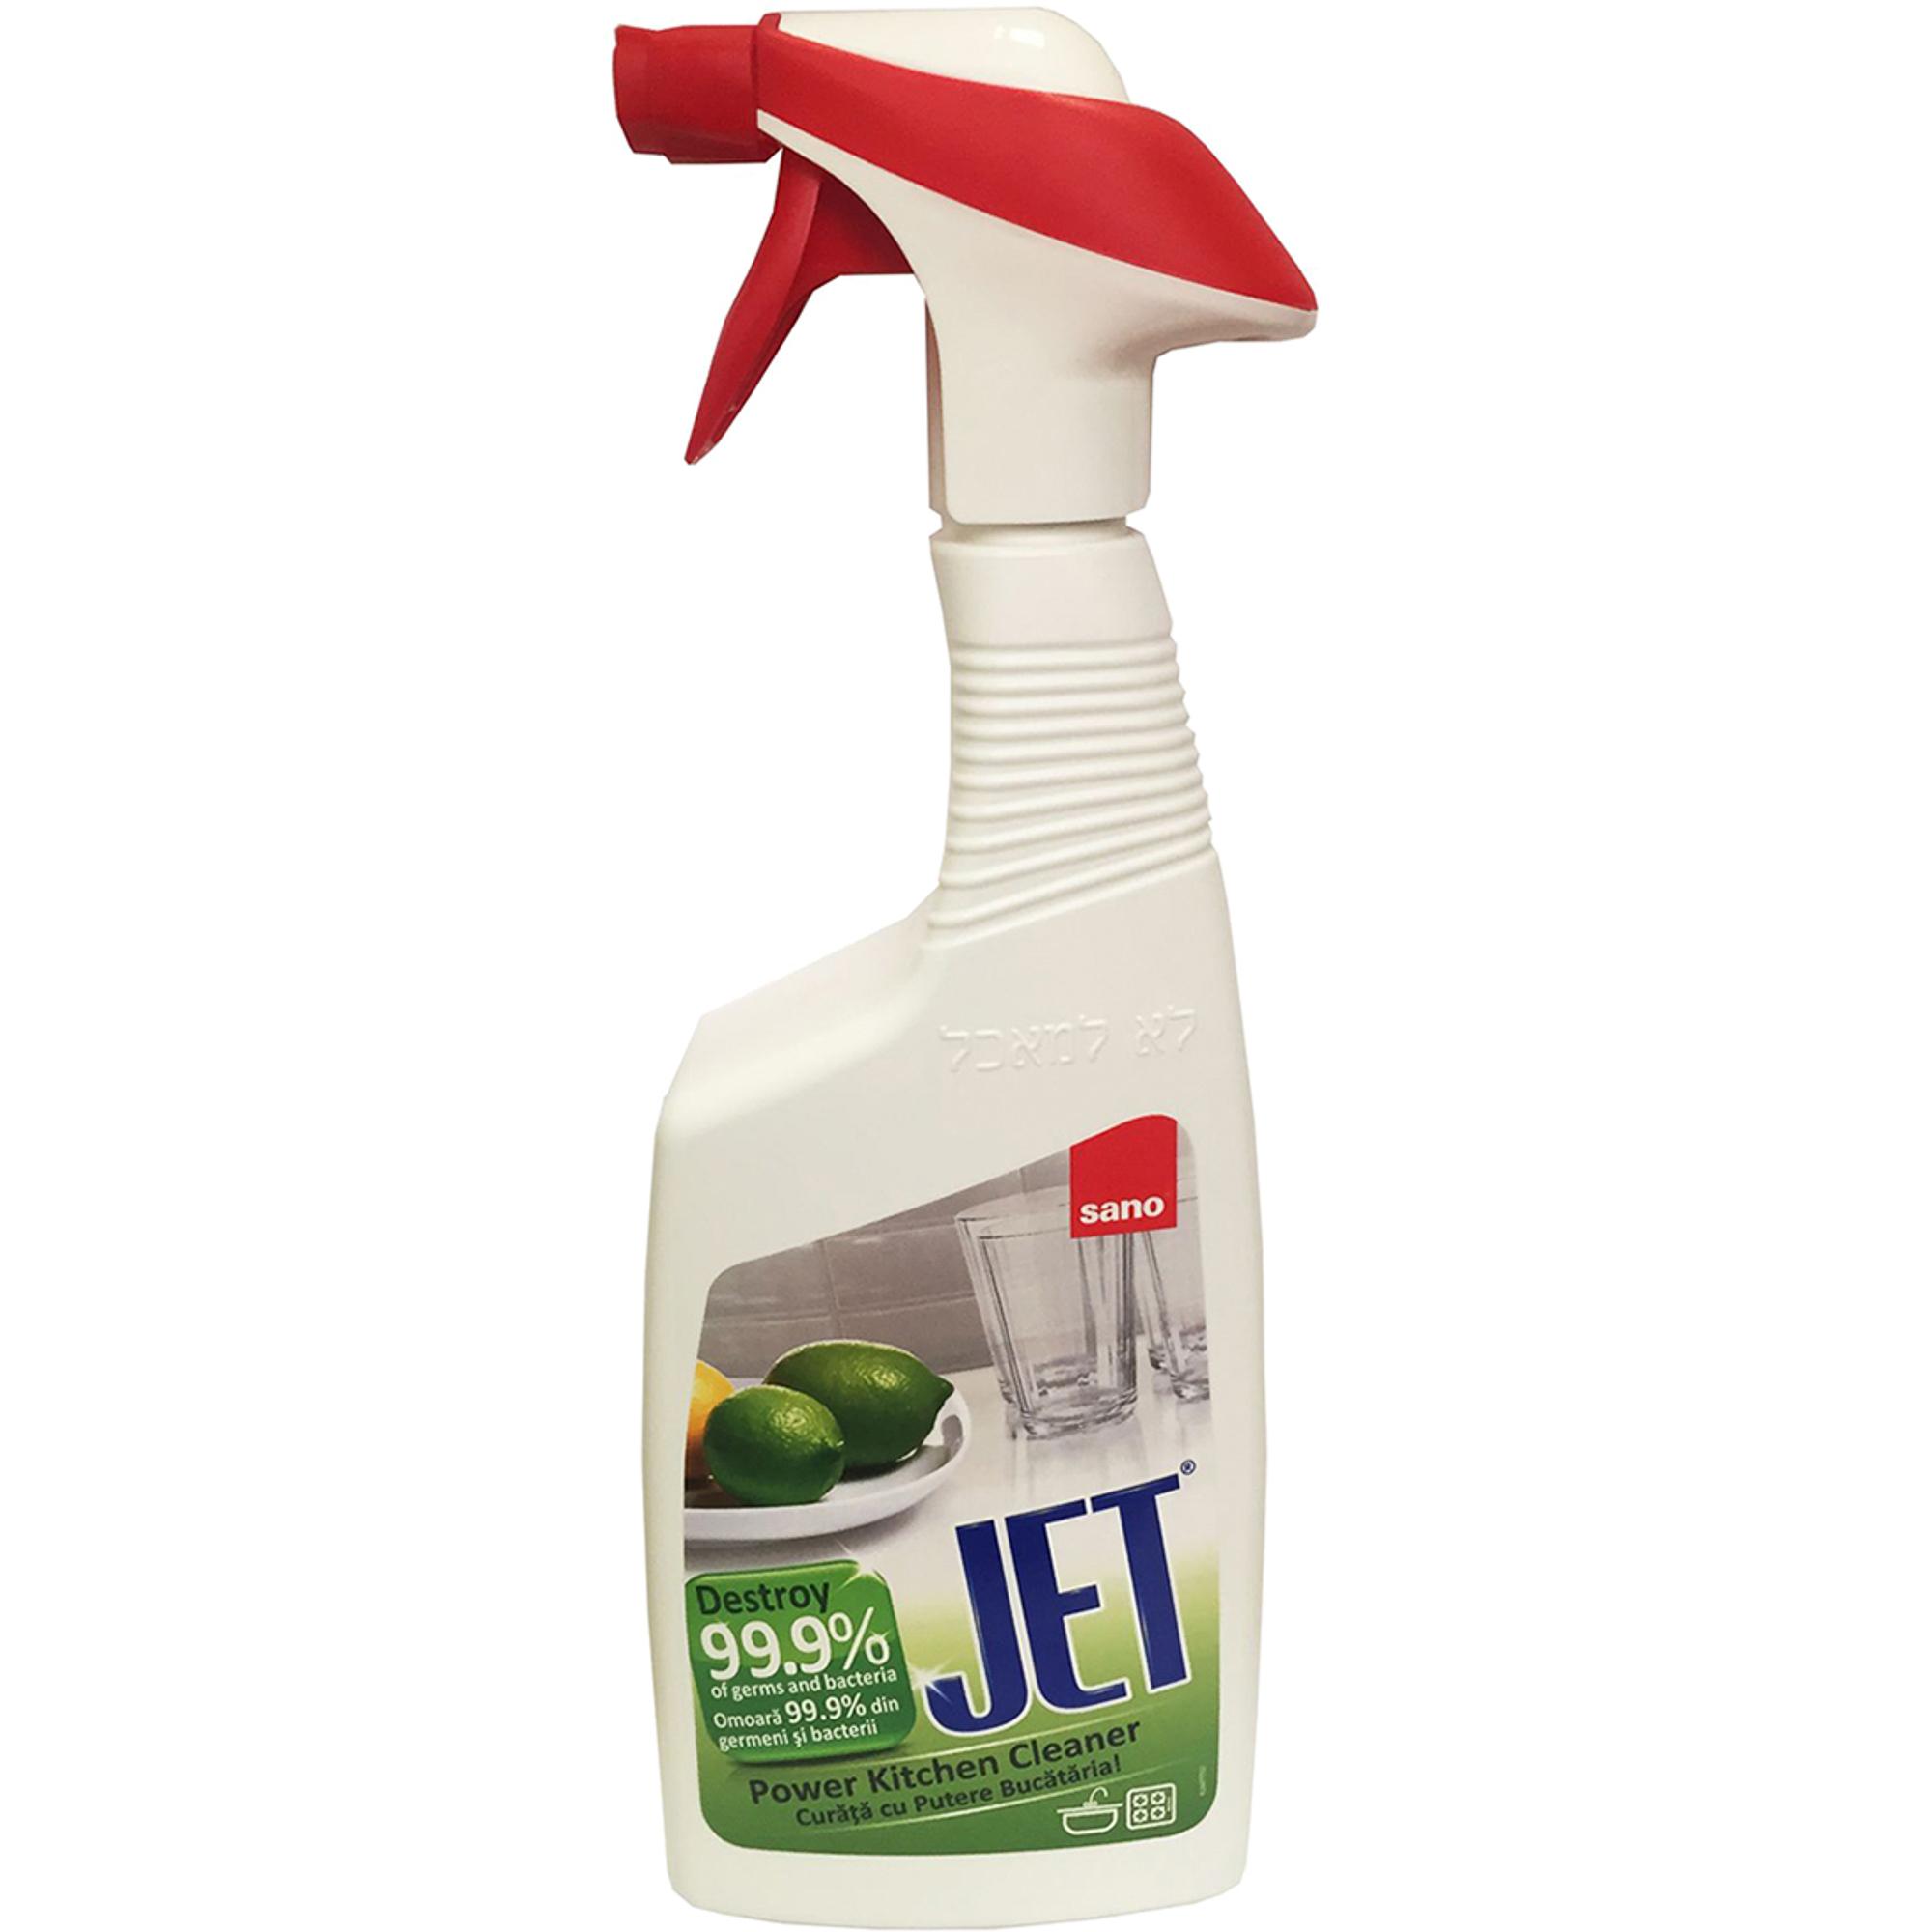 Фото - Чистящая пена для мытья кухни Sano JET Power Kitchen cleaner 750 мл sano jet универсальный очиститель различных поверхностей с пищевой содой 750 мл спрей